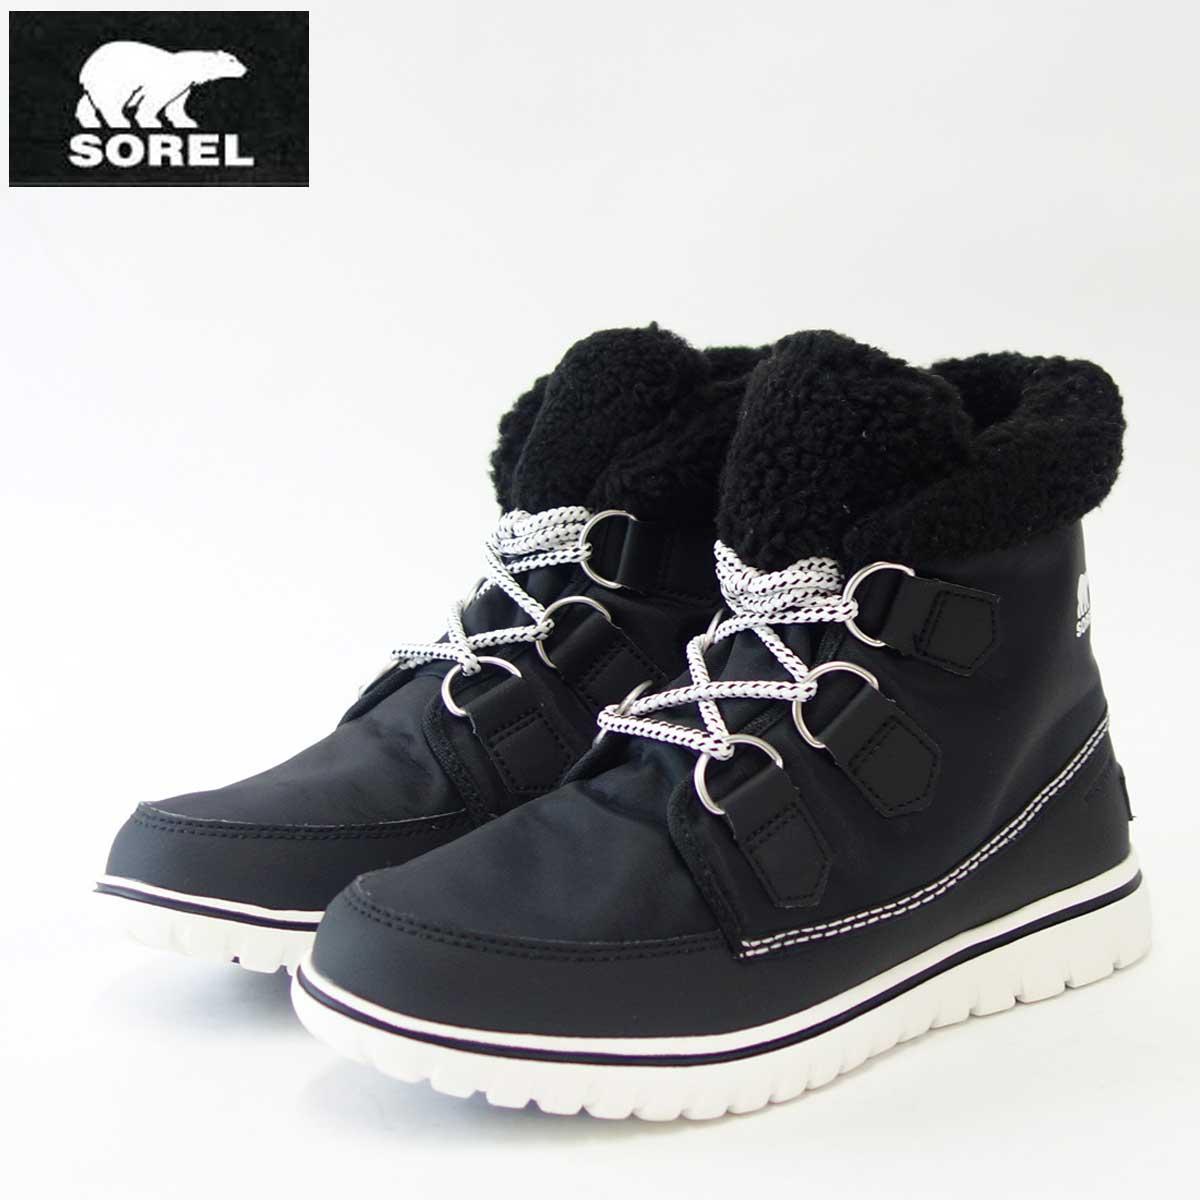 【SOREL ソレル】NL 2297(レディース)コージーカーニバル:ブラック (011) 保温性・撥水性抜群の快適ウィンターブーツ「靴」